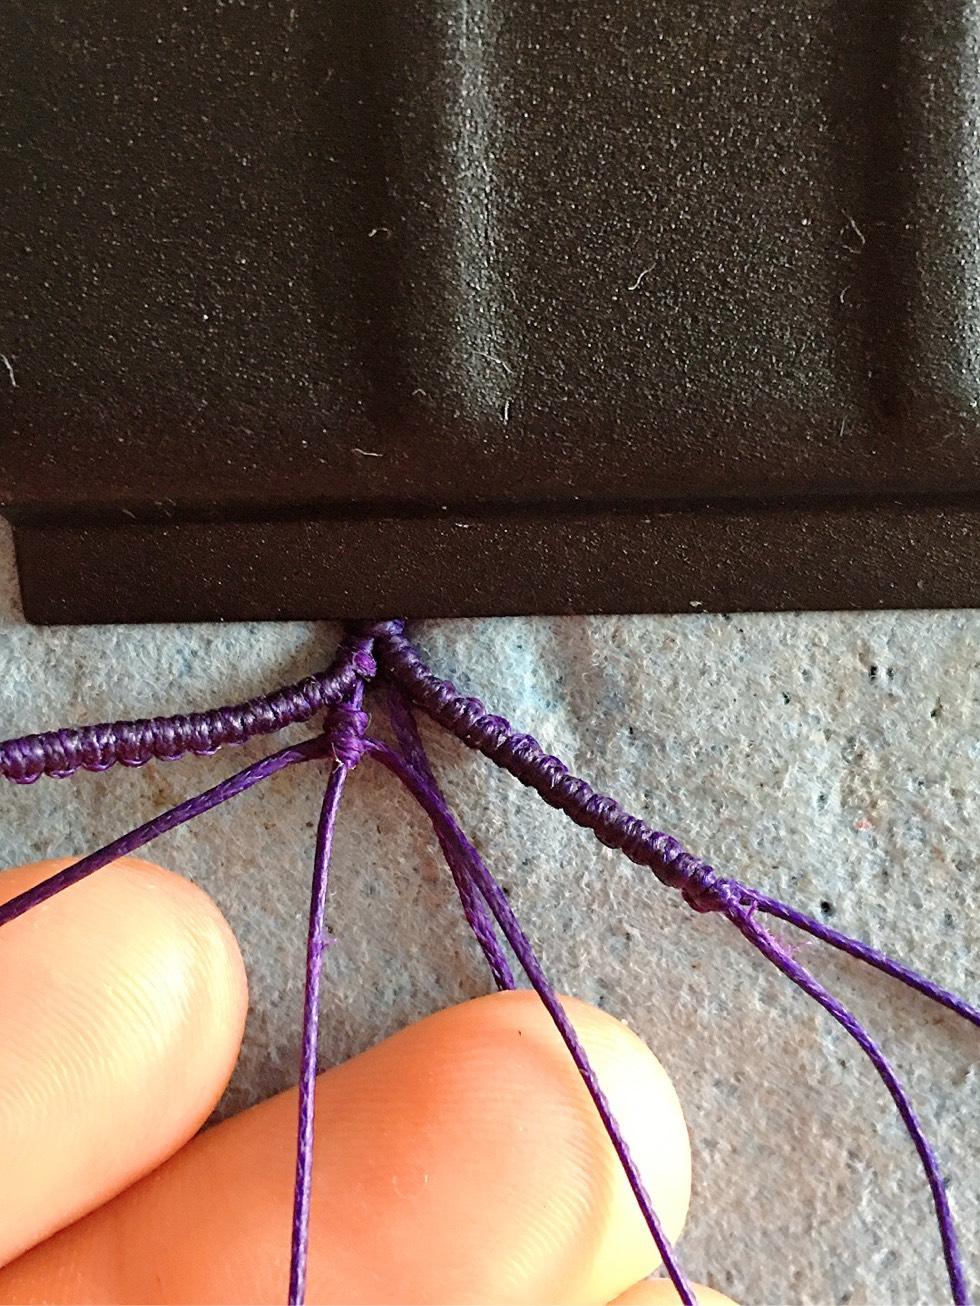 中国结论坛 项链绳中间过渡 两端抽拉的绳结怎么打,一根线穿吊坠打结方法,二根绳子各种编法图解 图文教程区 142654ao4o5vmogg7at499